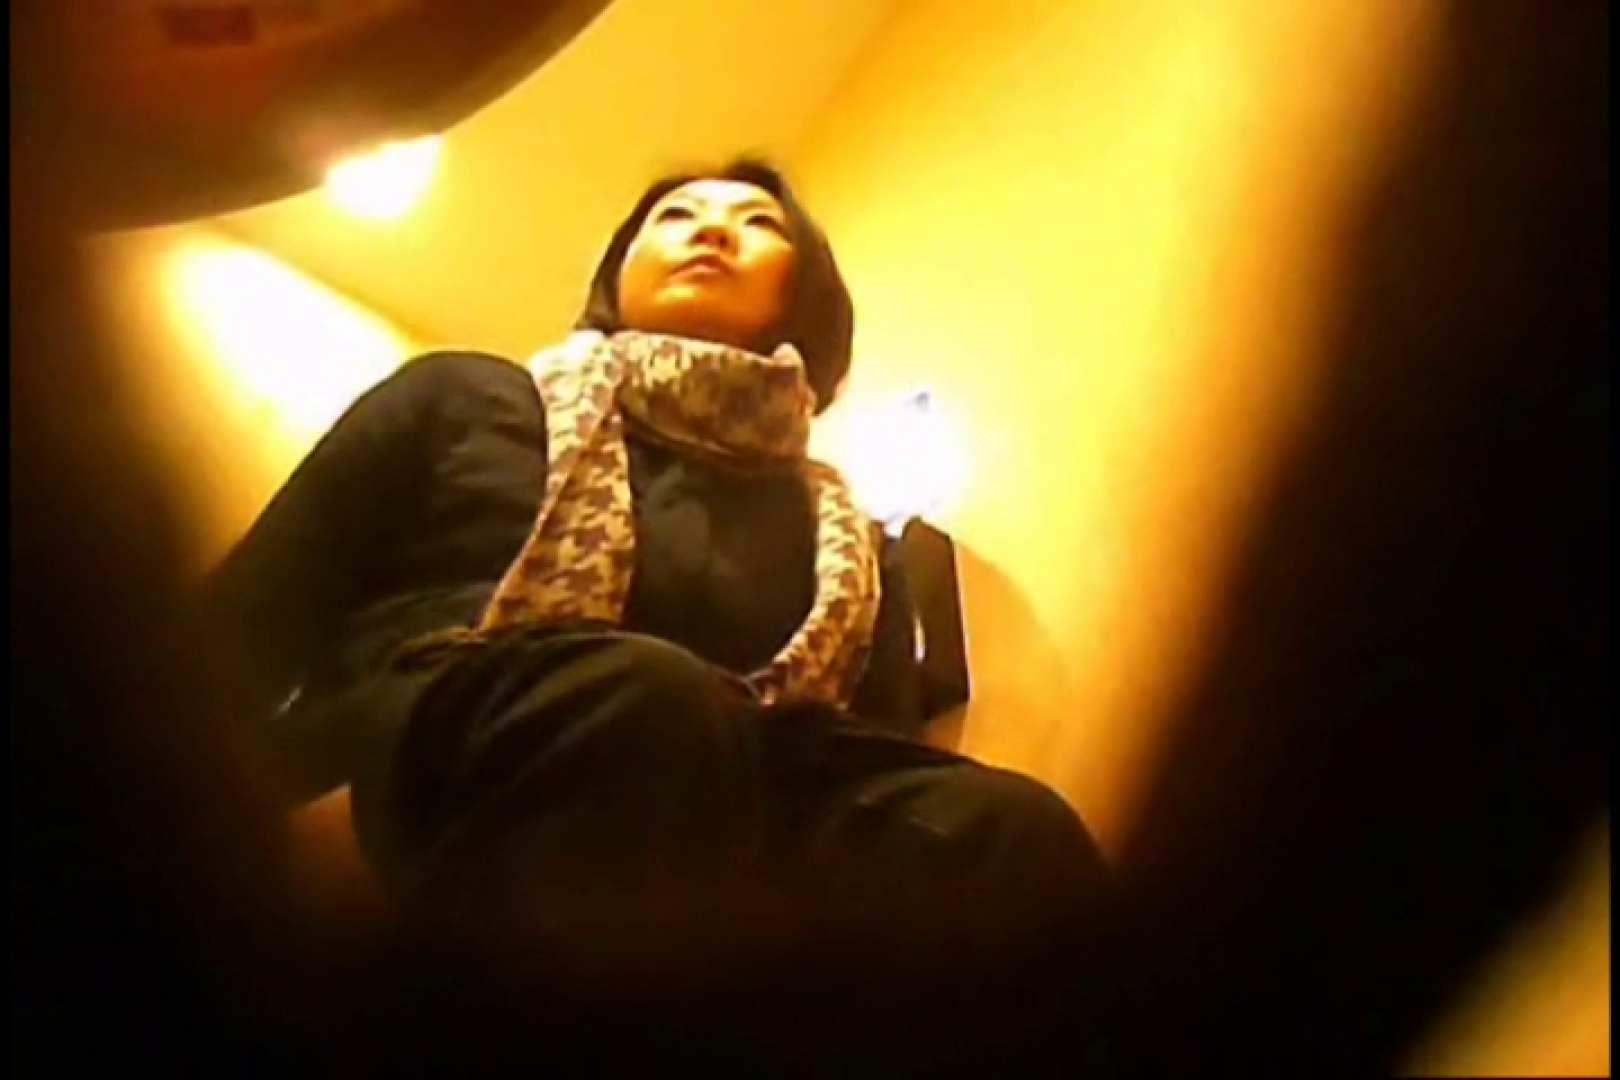 画質向上!新亀さん厠 vol.09 黄金水 隠し撮りオマンコ動画紹介 67枚 29